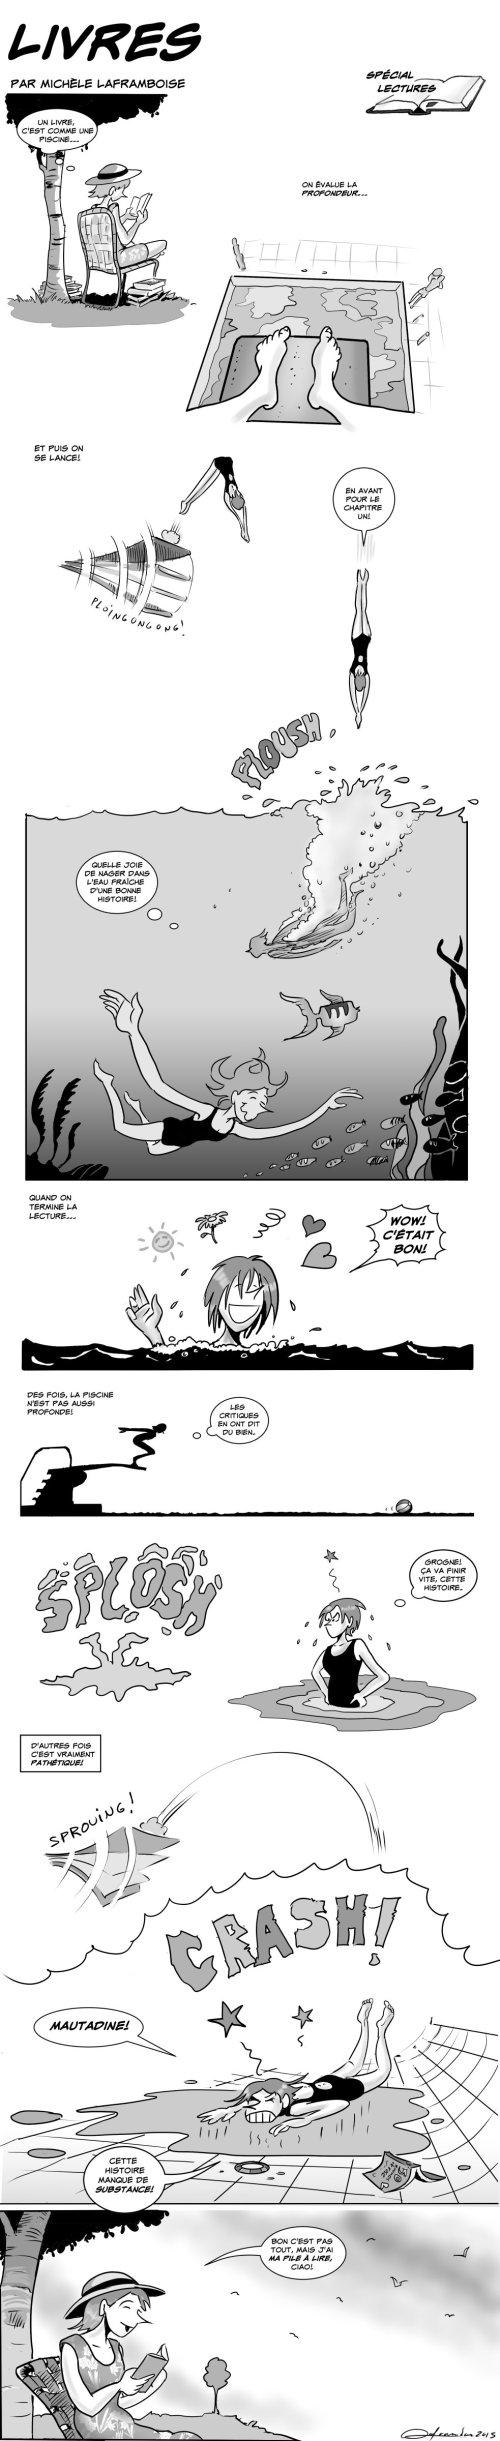 Le plaisir de se plonger dans nos lectures d'été! Texte et dessins par Michèle Laframboise